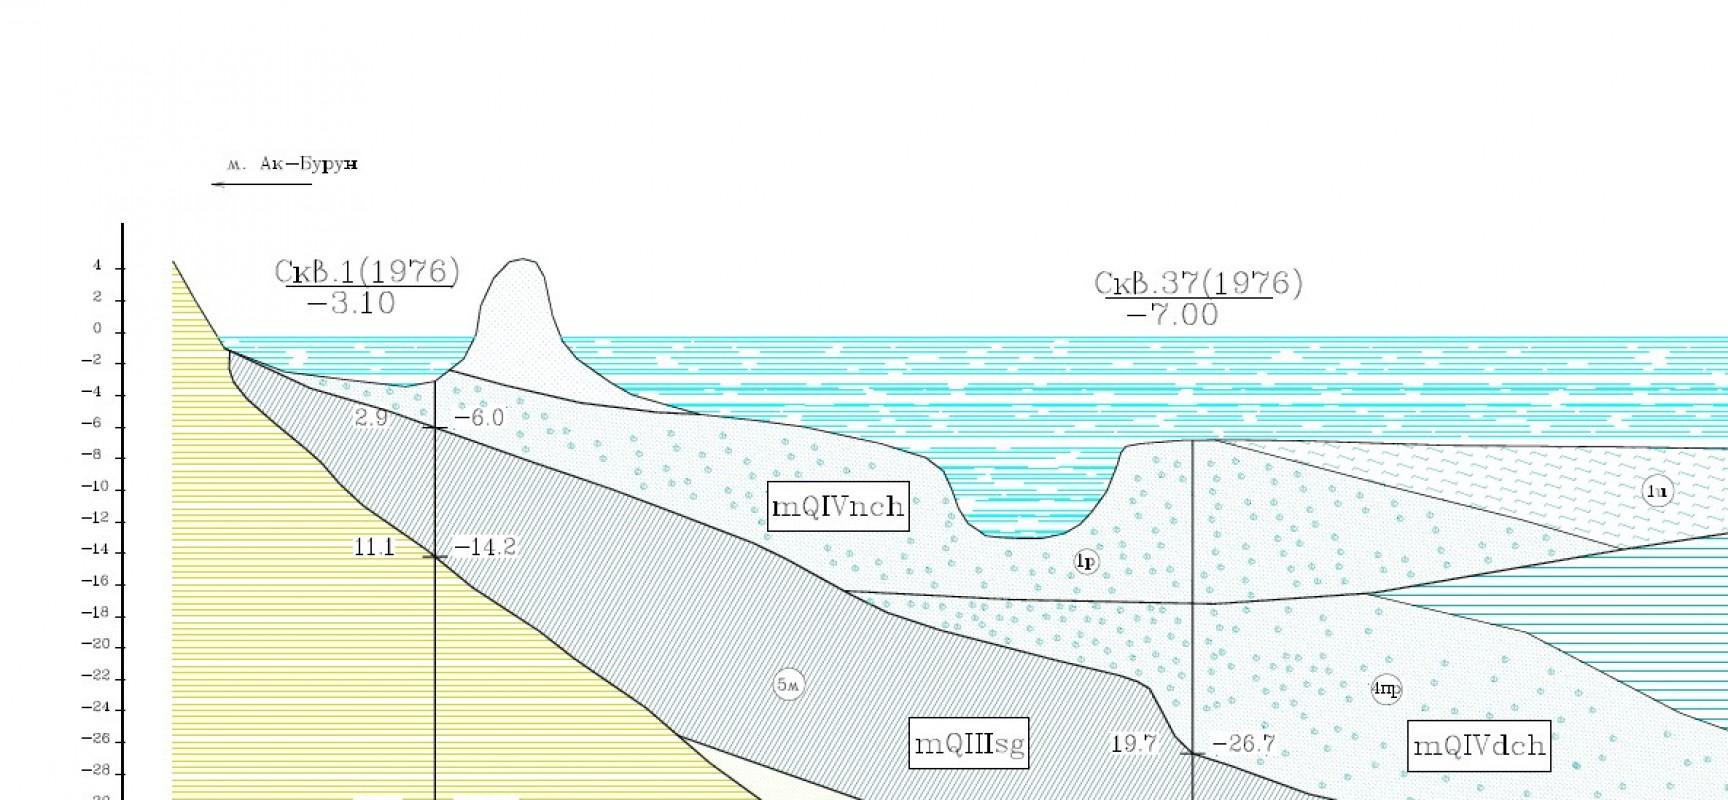 Тузлинский створ. Оценочные нормативные показатели свойств грунтов